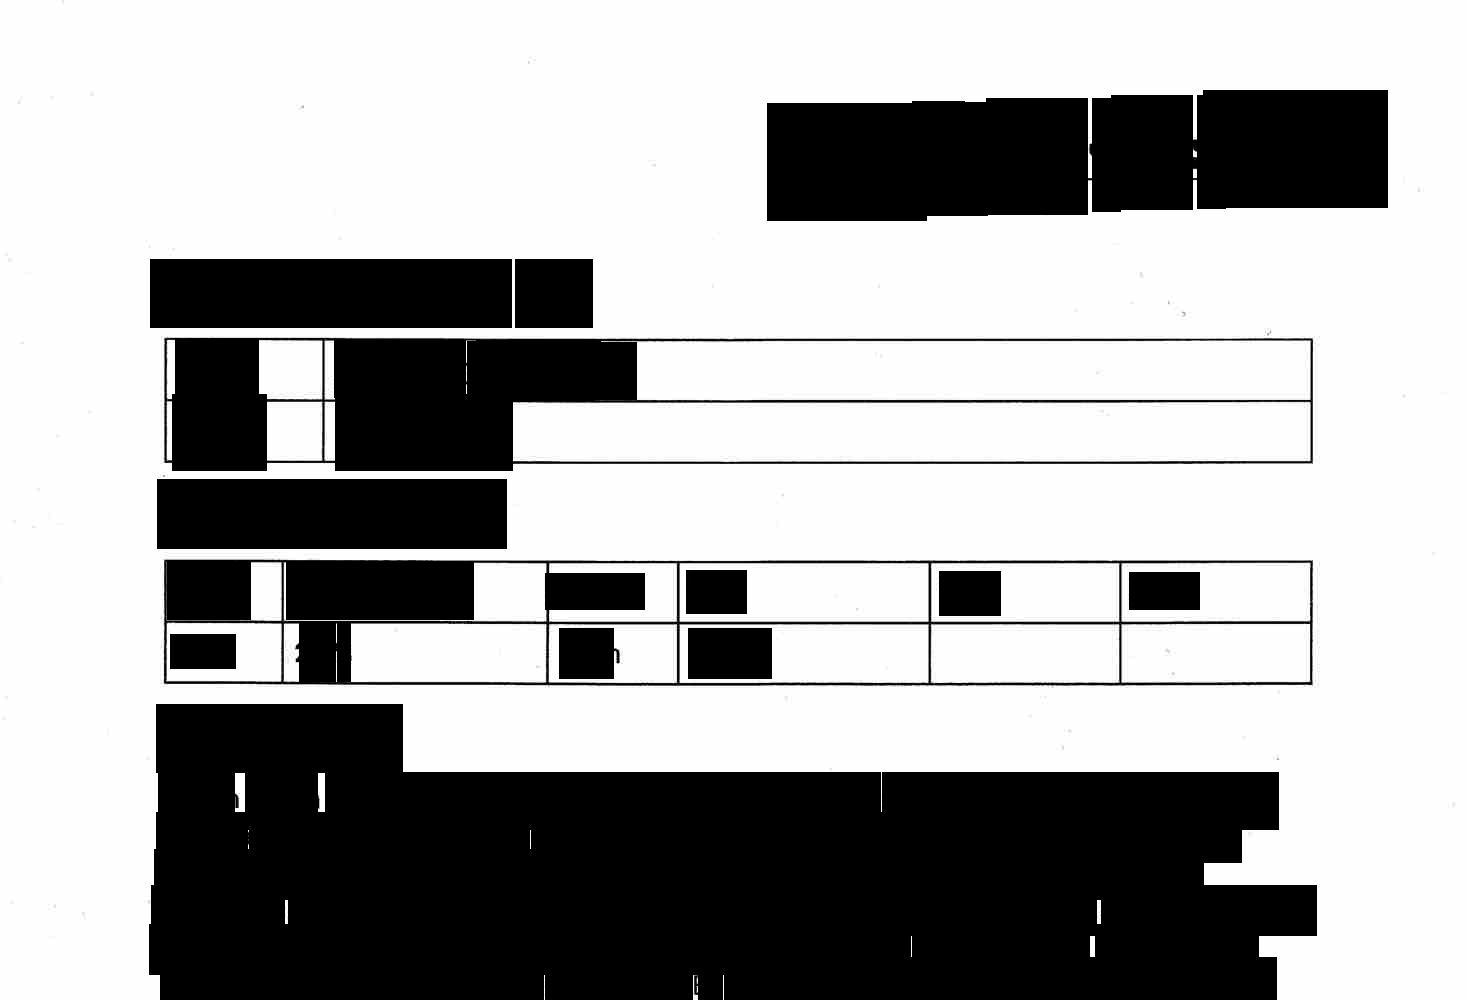 Bild mit entfernten Daten, gesamter Text (zum Vergrößern klicken)